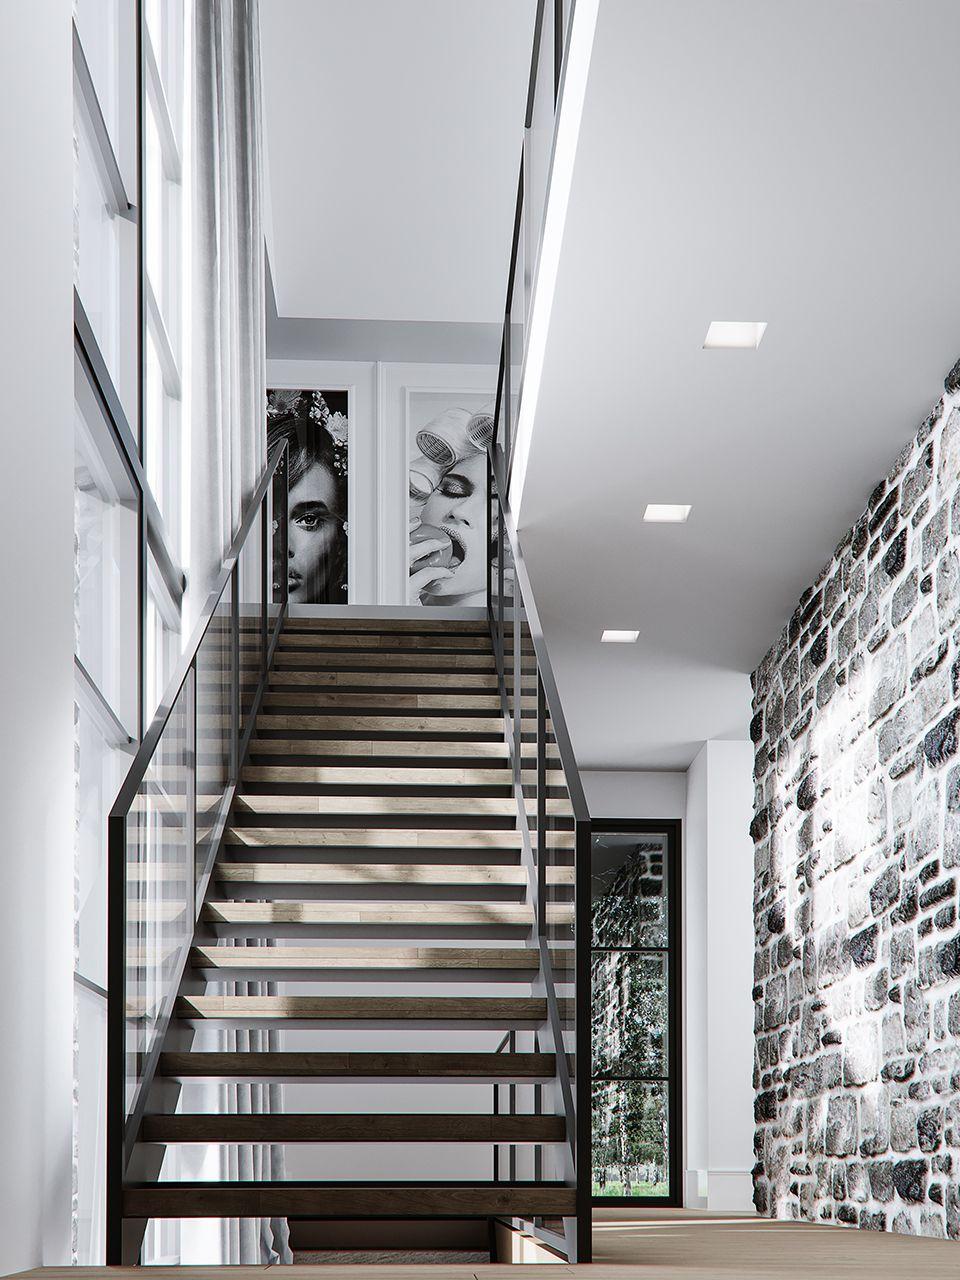 Escalier Dans La Maison escalier de la maison mf+jf | contemporary rustic | modern